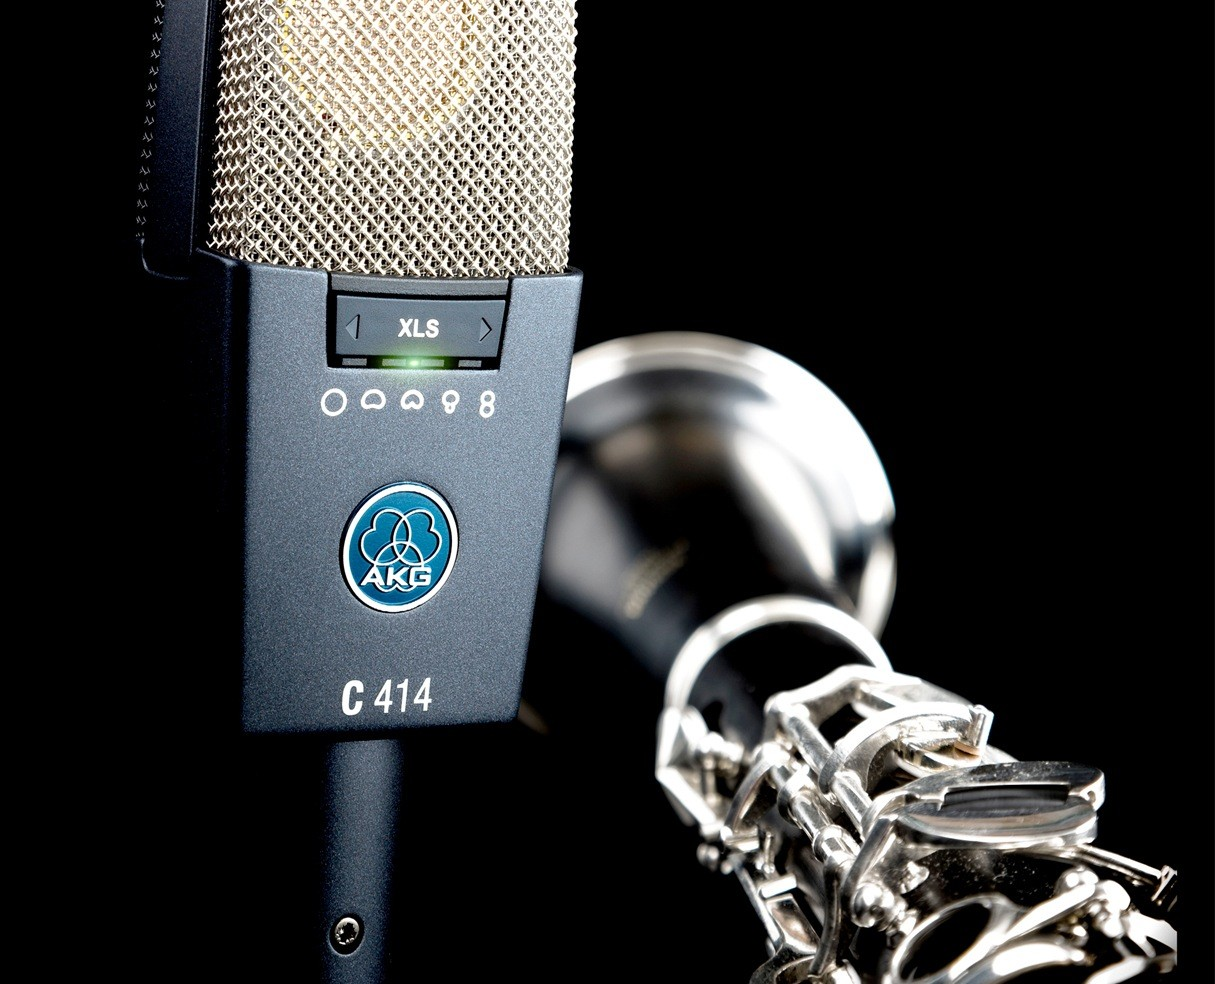 AKG C414 XLS - Glamor Shot